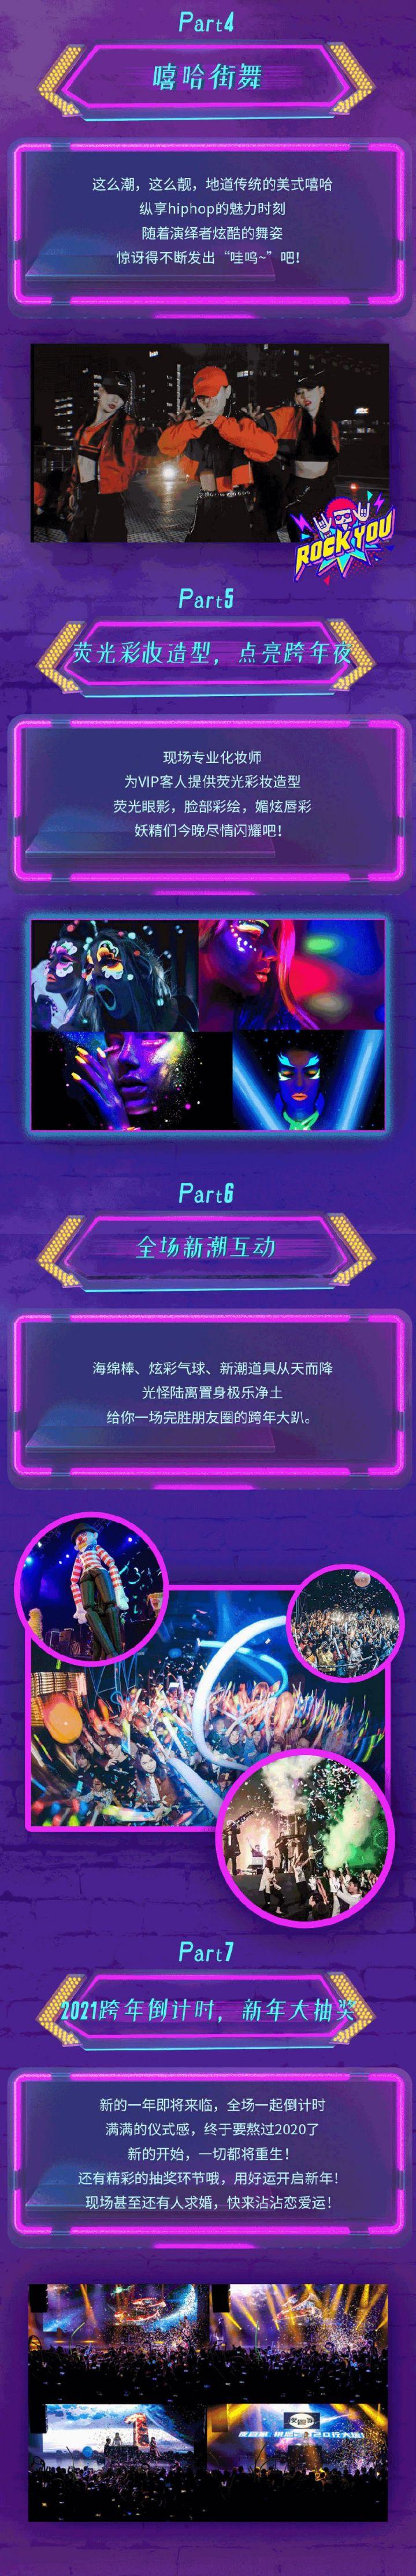 2020武汉超模DJ荧光派对(时间地点+门票价格+购票方式)